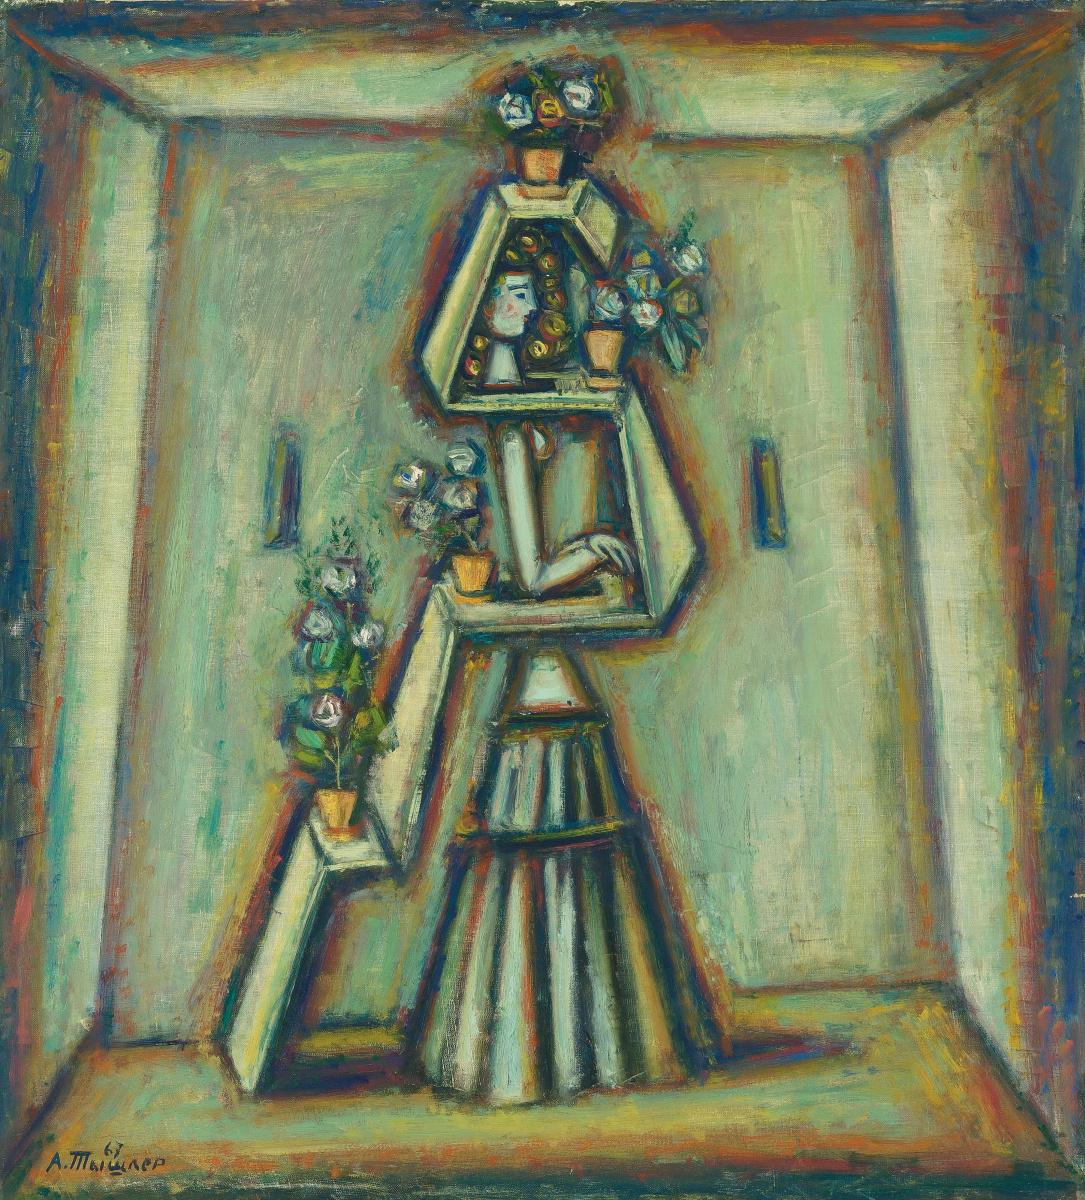 Alexander Grigoryevich Tyshler. Flower shelf